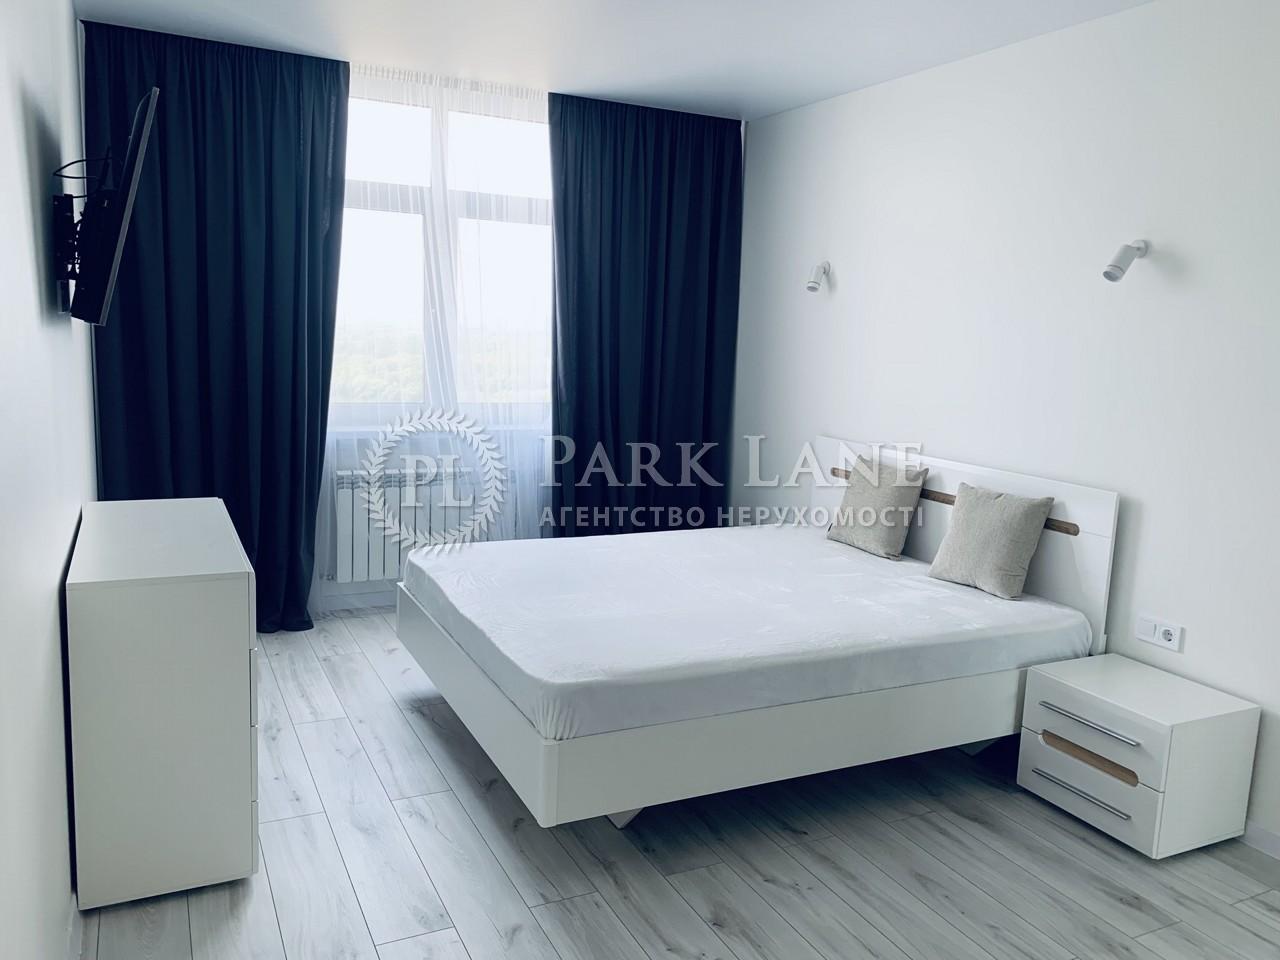 Квартира R-40153, Маланюка Евгения (Сагайдака Степана), 101 корпус 18-21, Киев - Фото 6